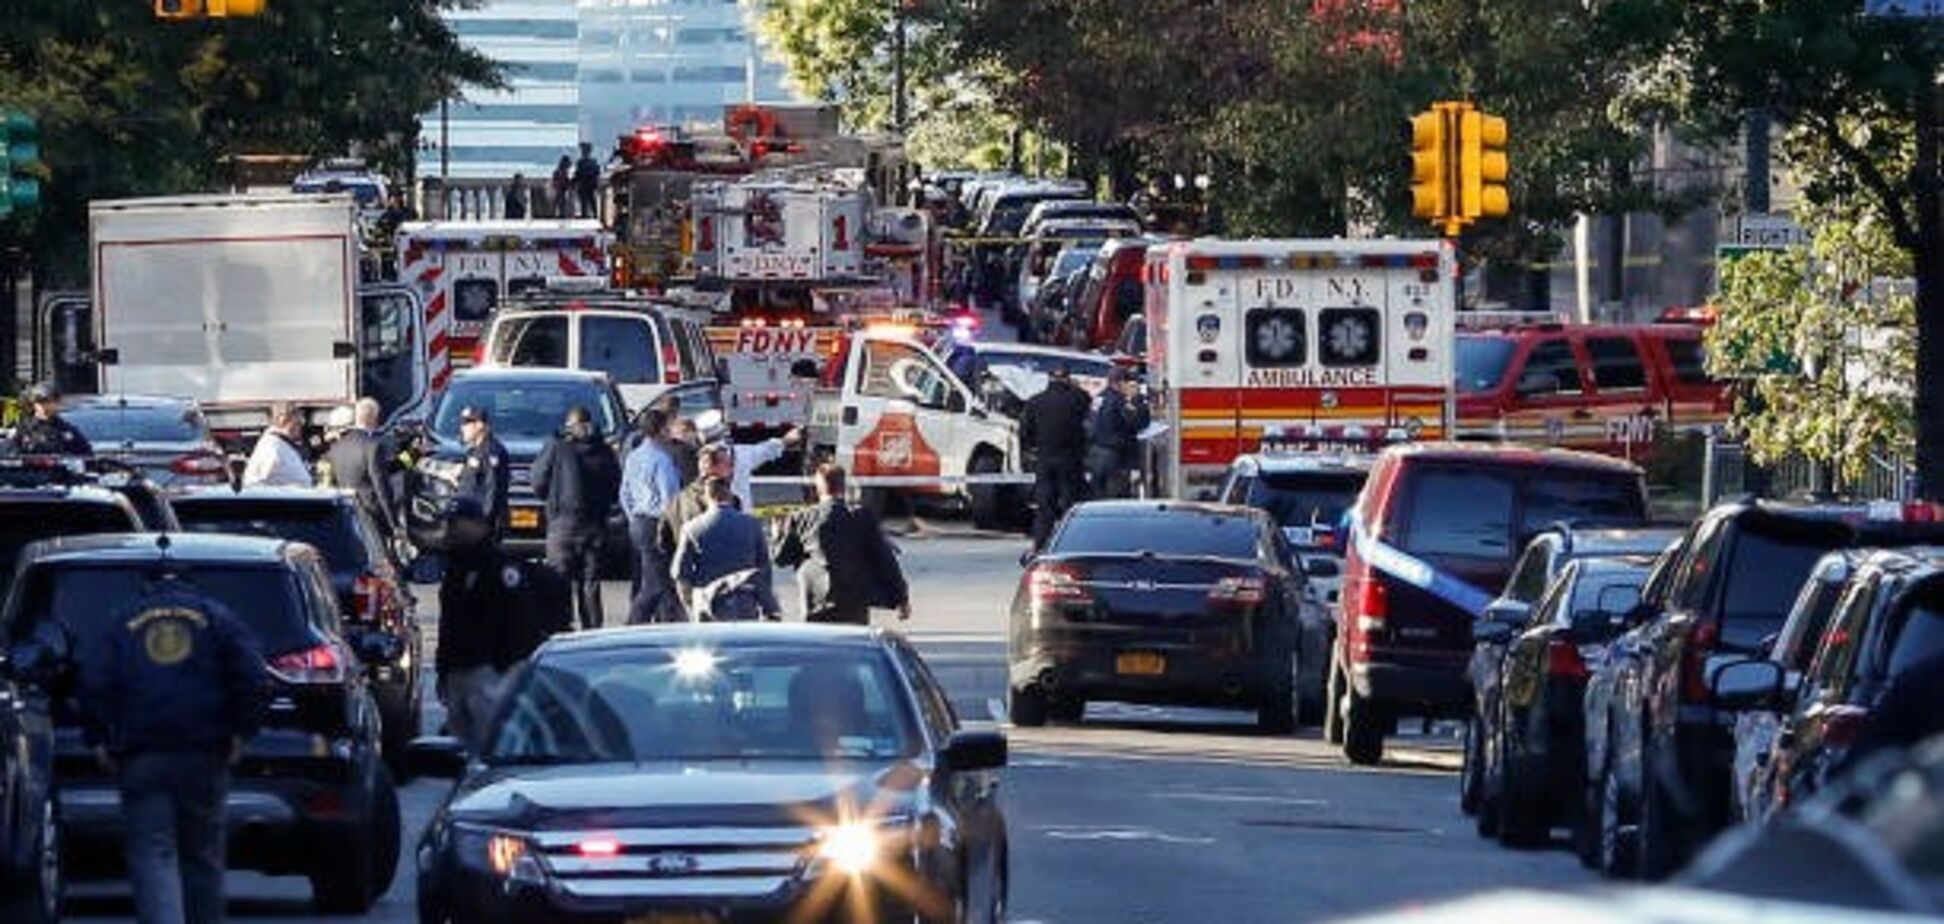 Теракт в Нью-Йорку: підозрюється виходець із СНД